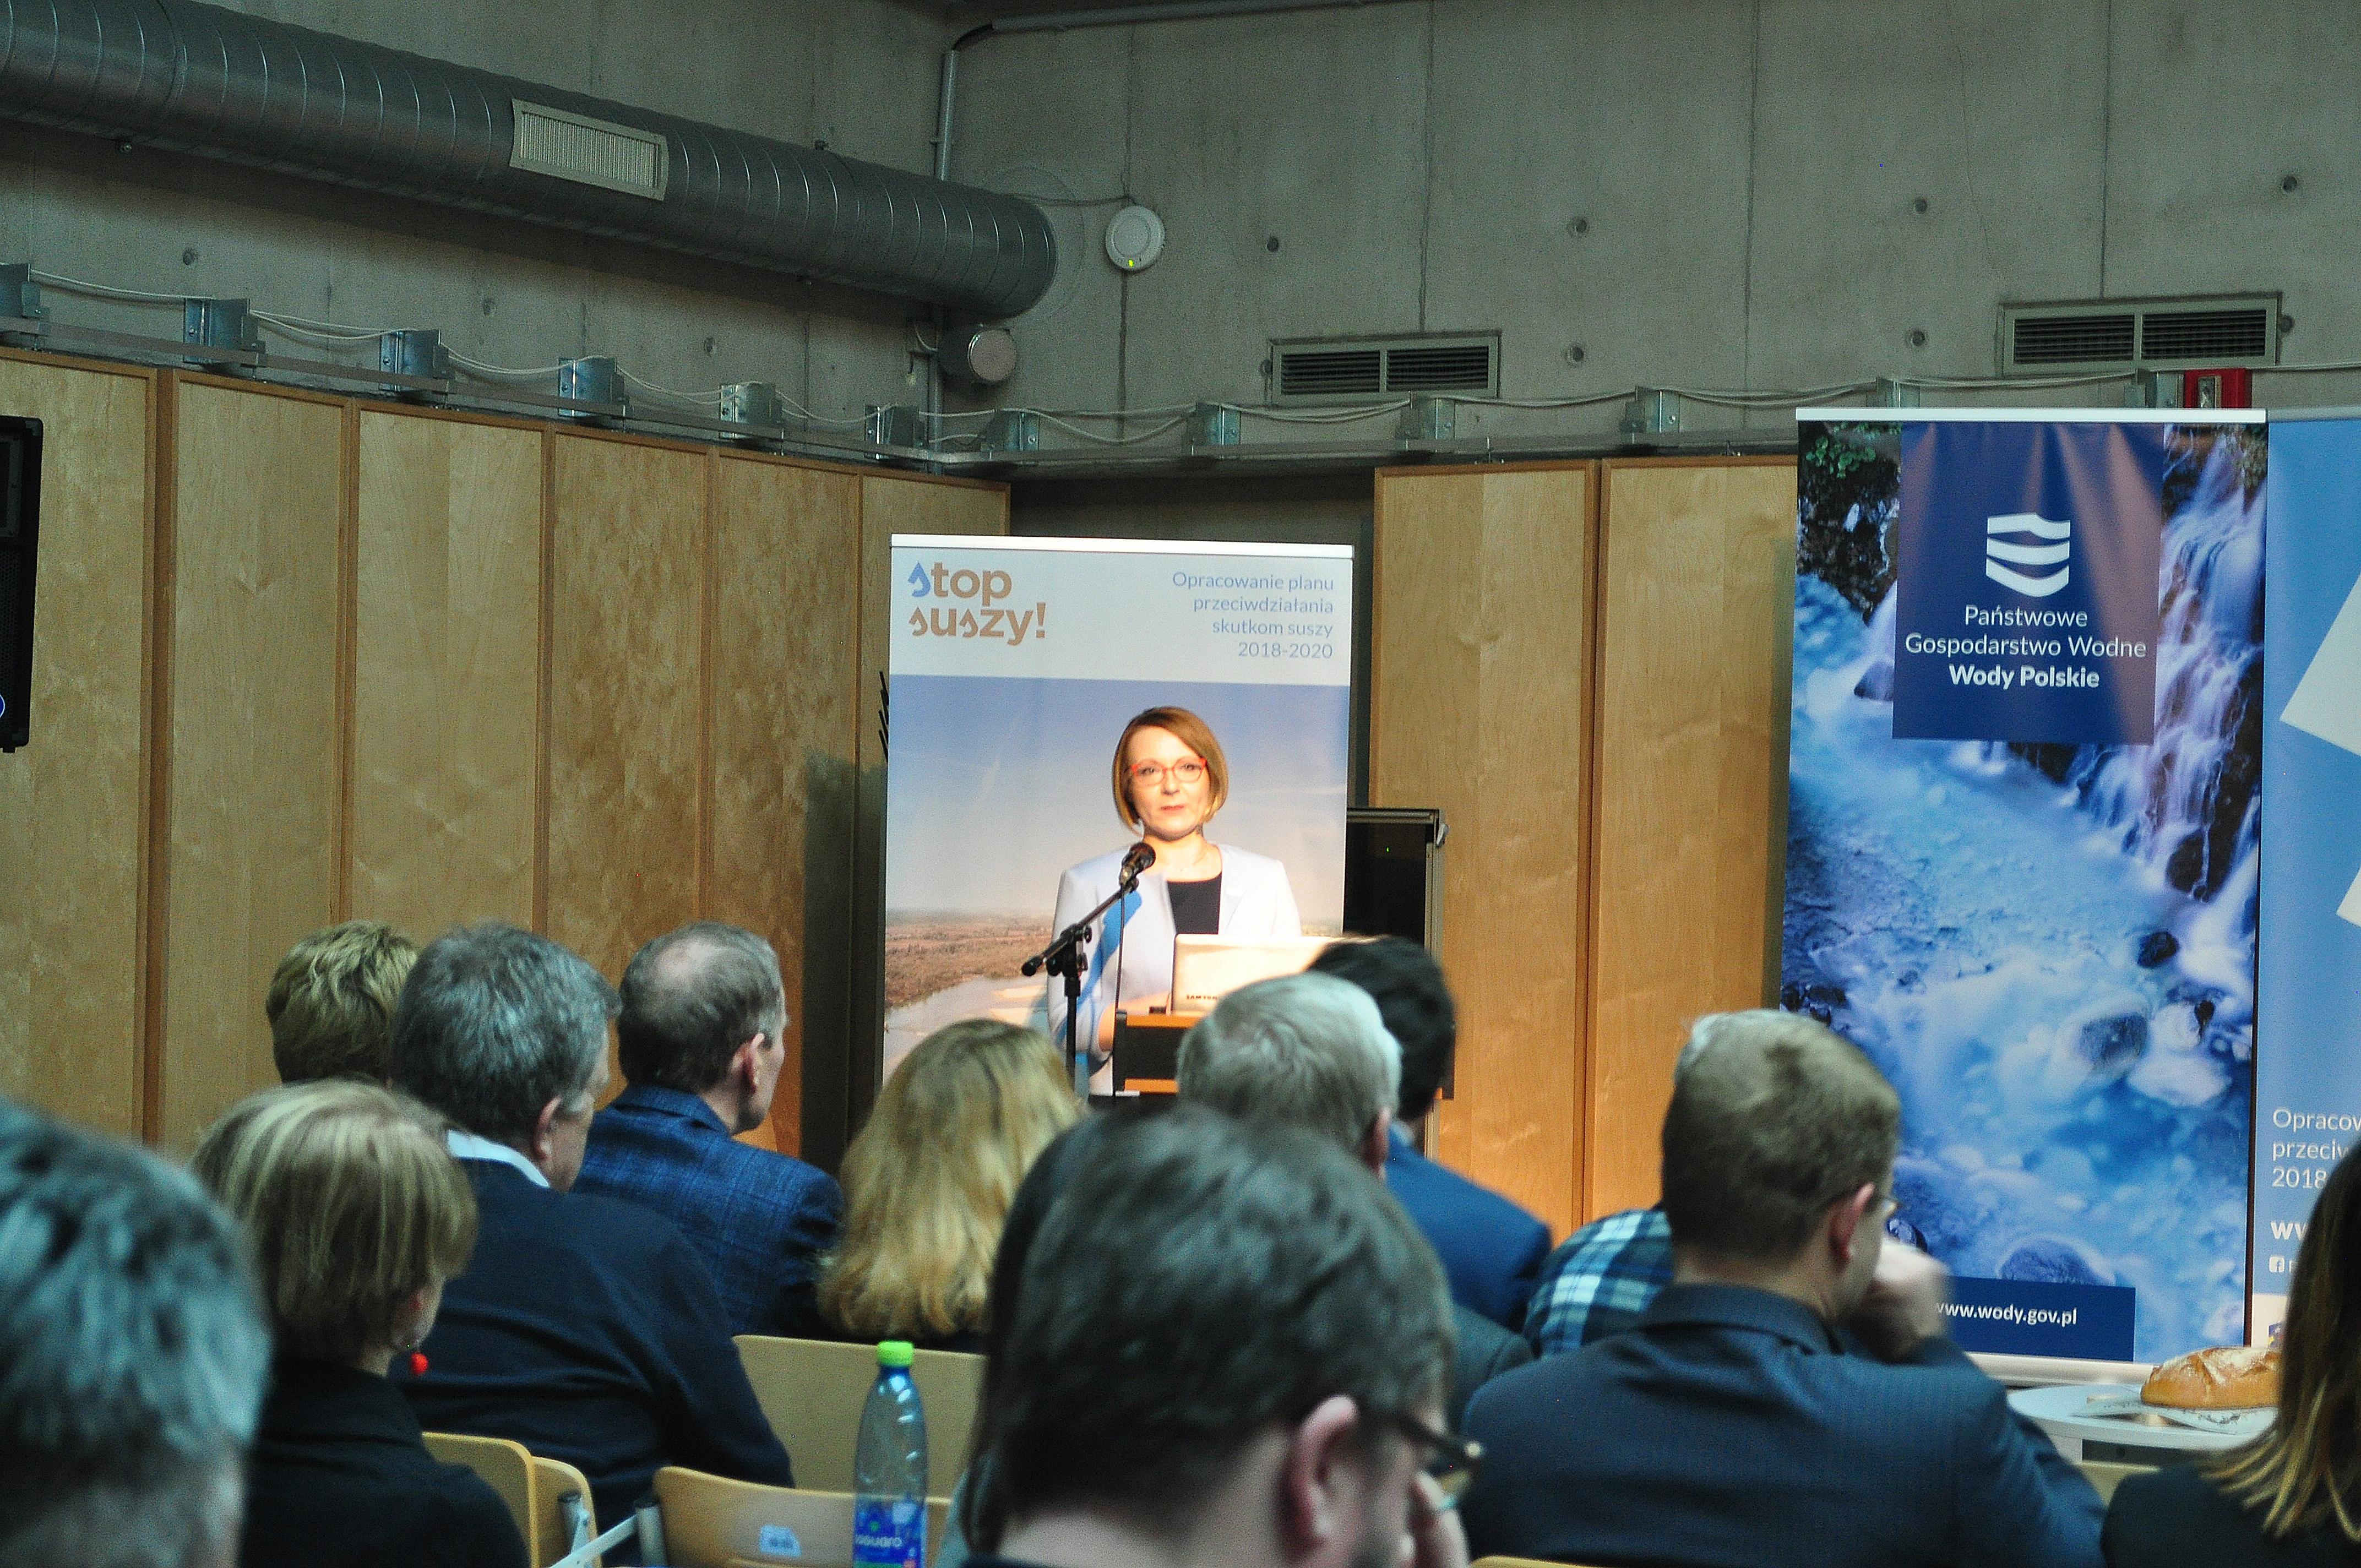 Stop suszy konferencja w Warszawie